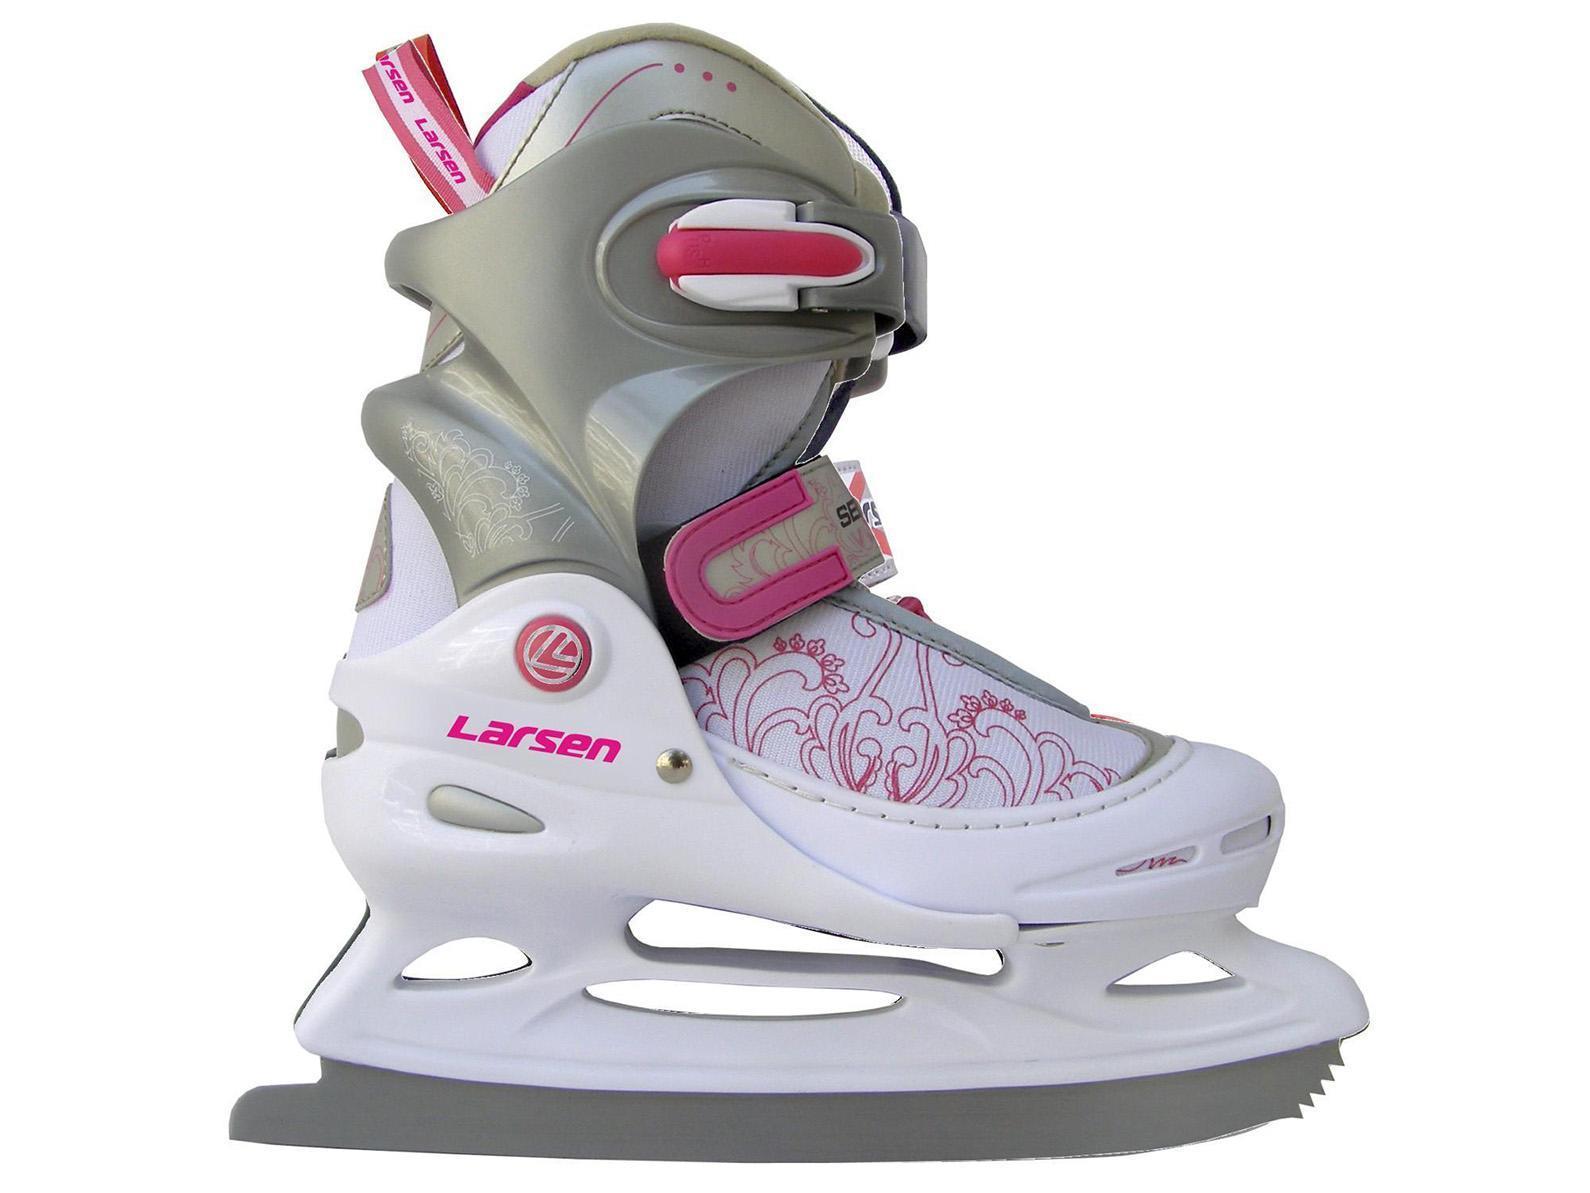 Коньки ледовые женские Larsen, раздвижные, цвет: серый, розовый, белый. Liberty 2014-2015. Размер 38/41ASE-611FПрогулочные коньки для свободного катания на льду. В коньках используются морозоустойчивые материалы повышенной прочности.